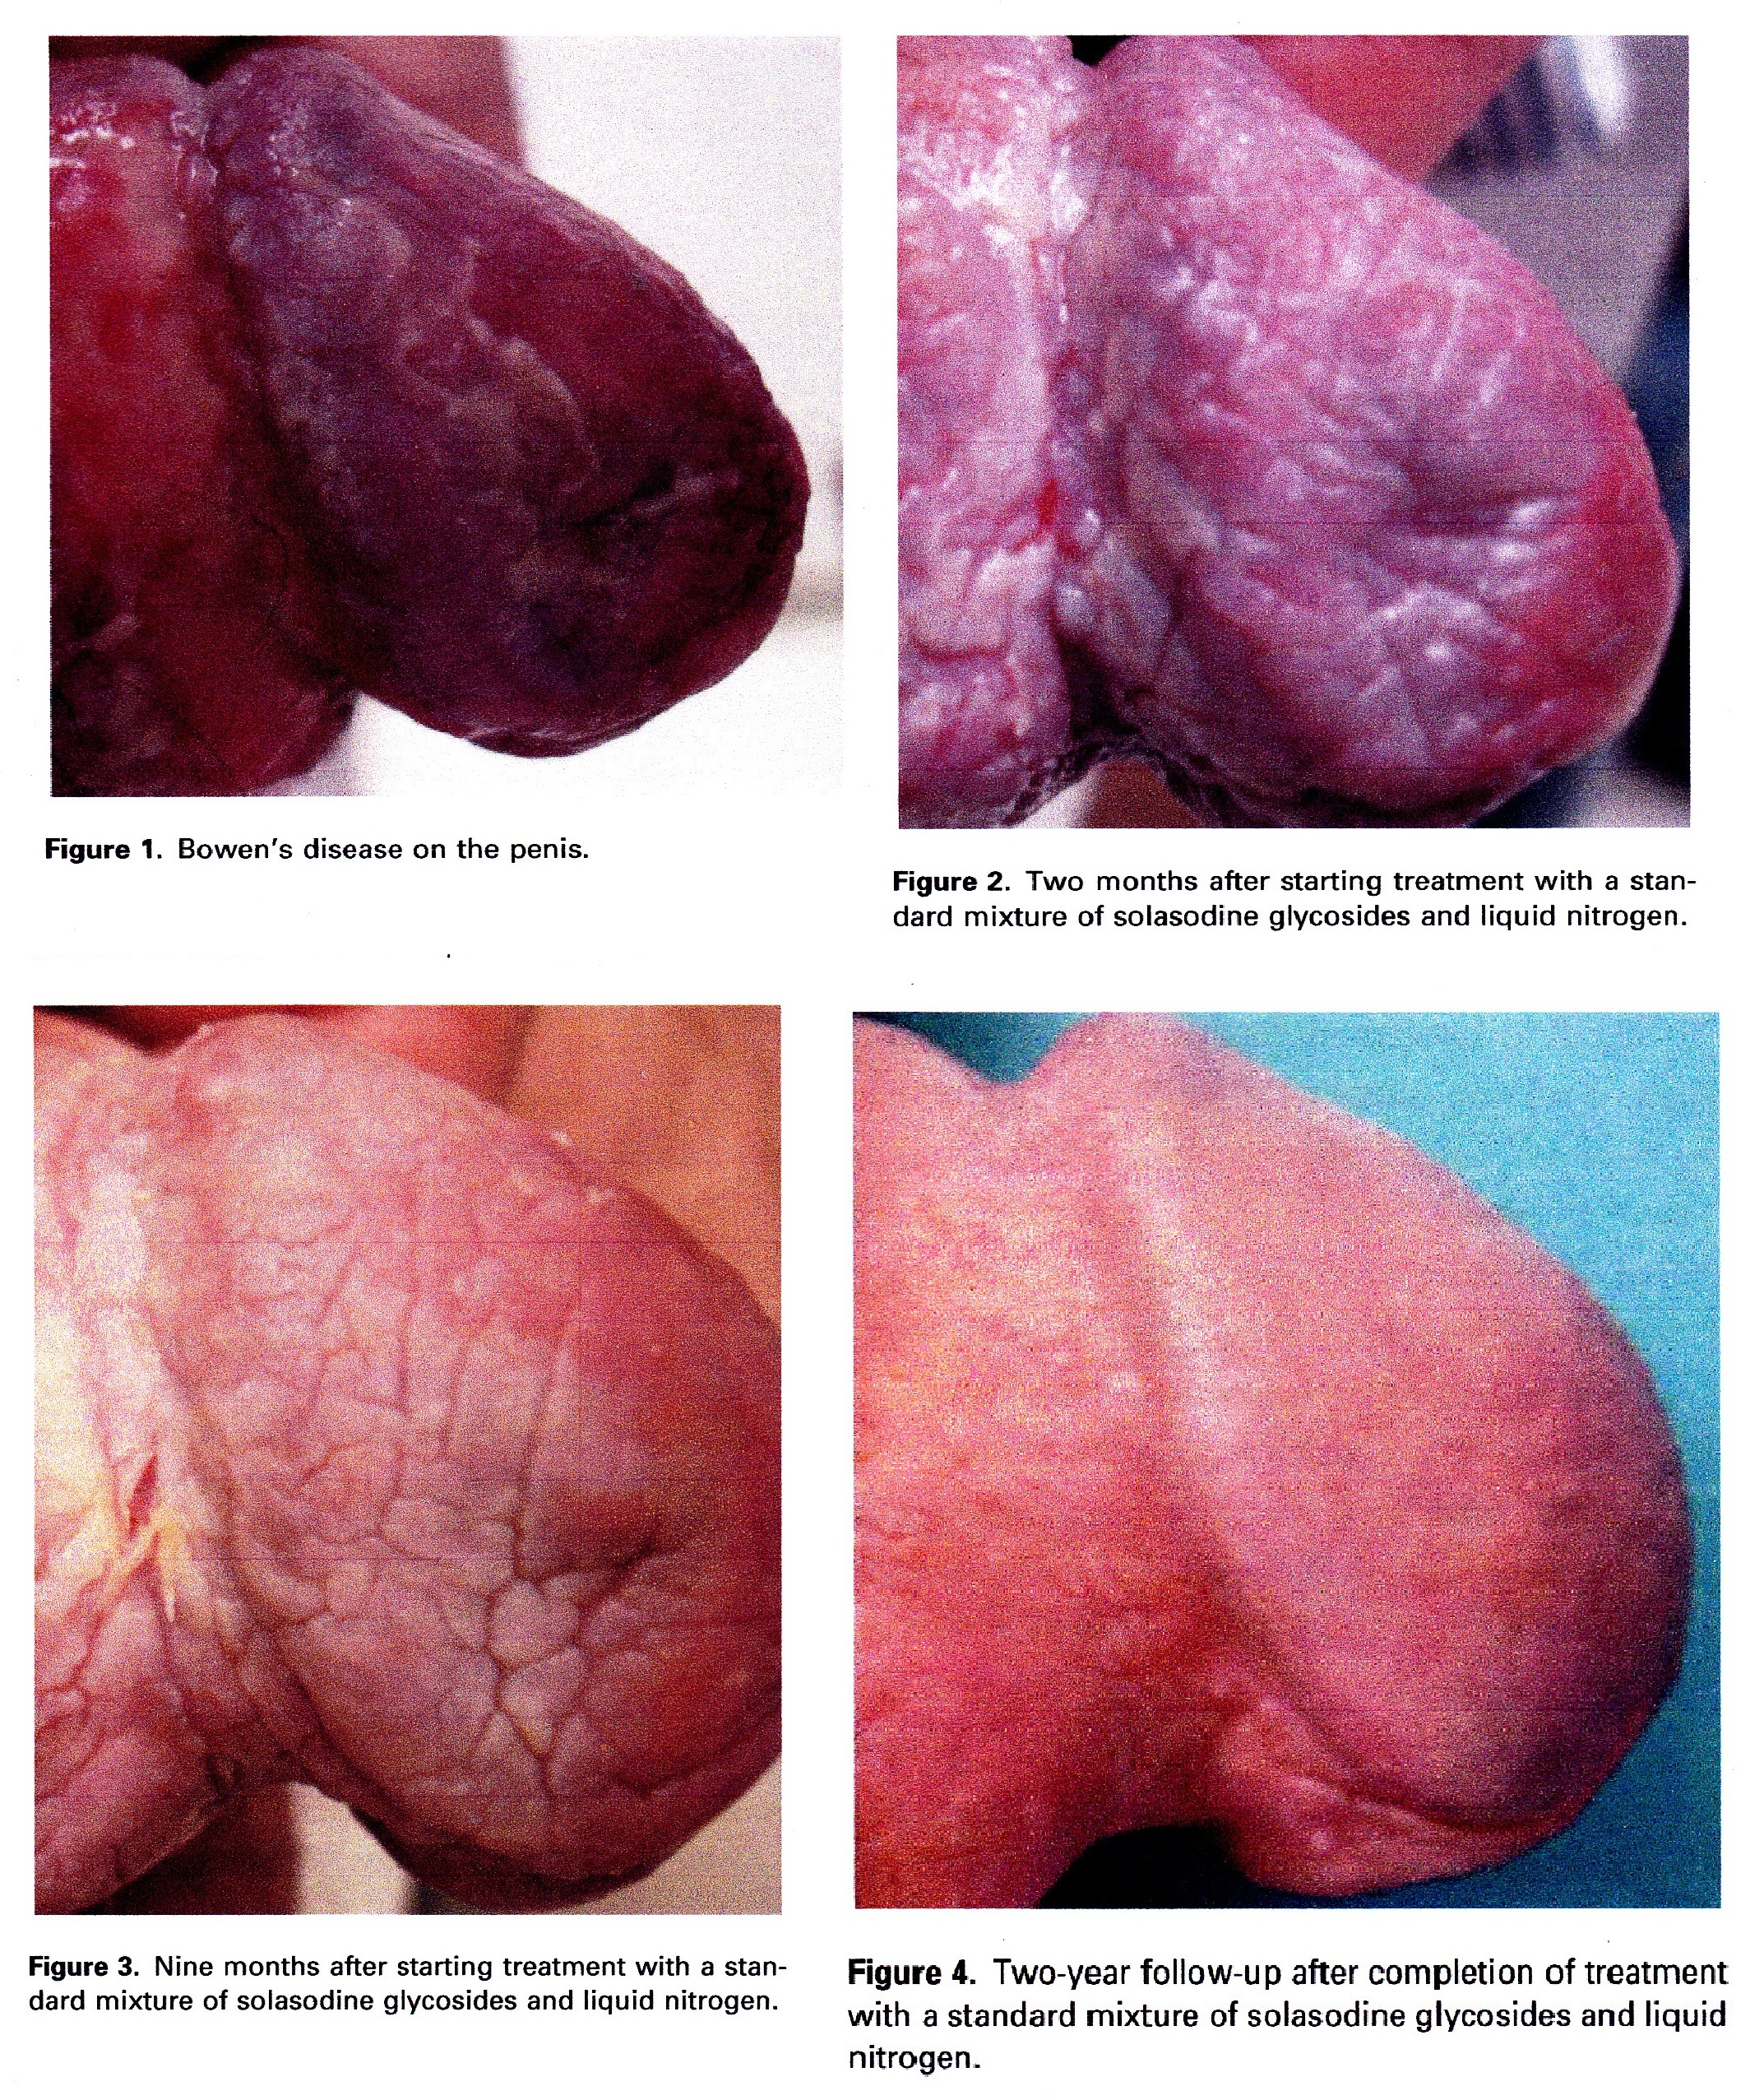 glans penis disease